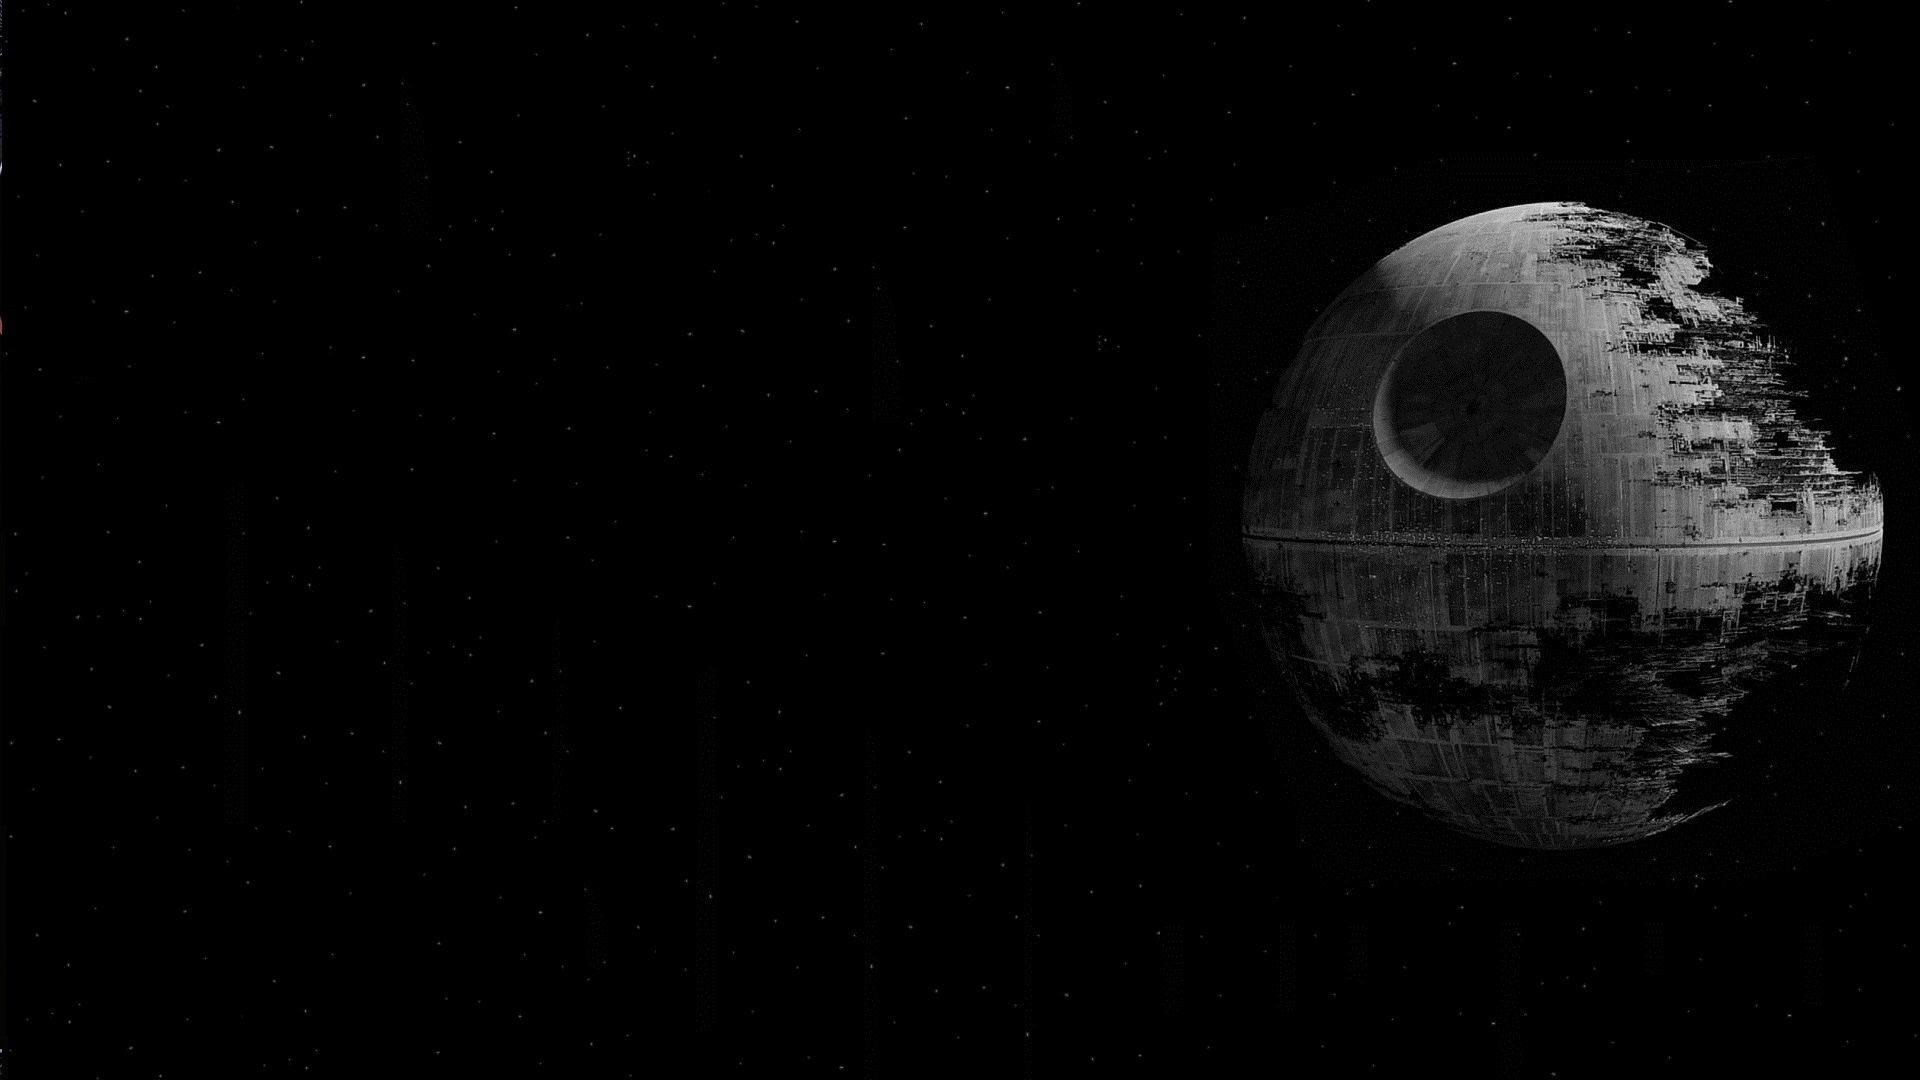 Star Wars Wallpaper 1920x1080 Star Wars Movies Death Star Black 1920x1080